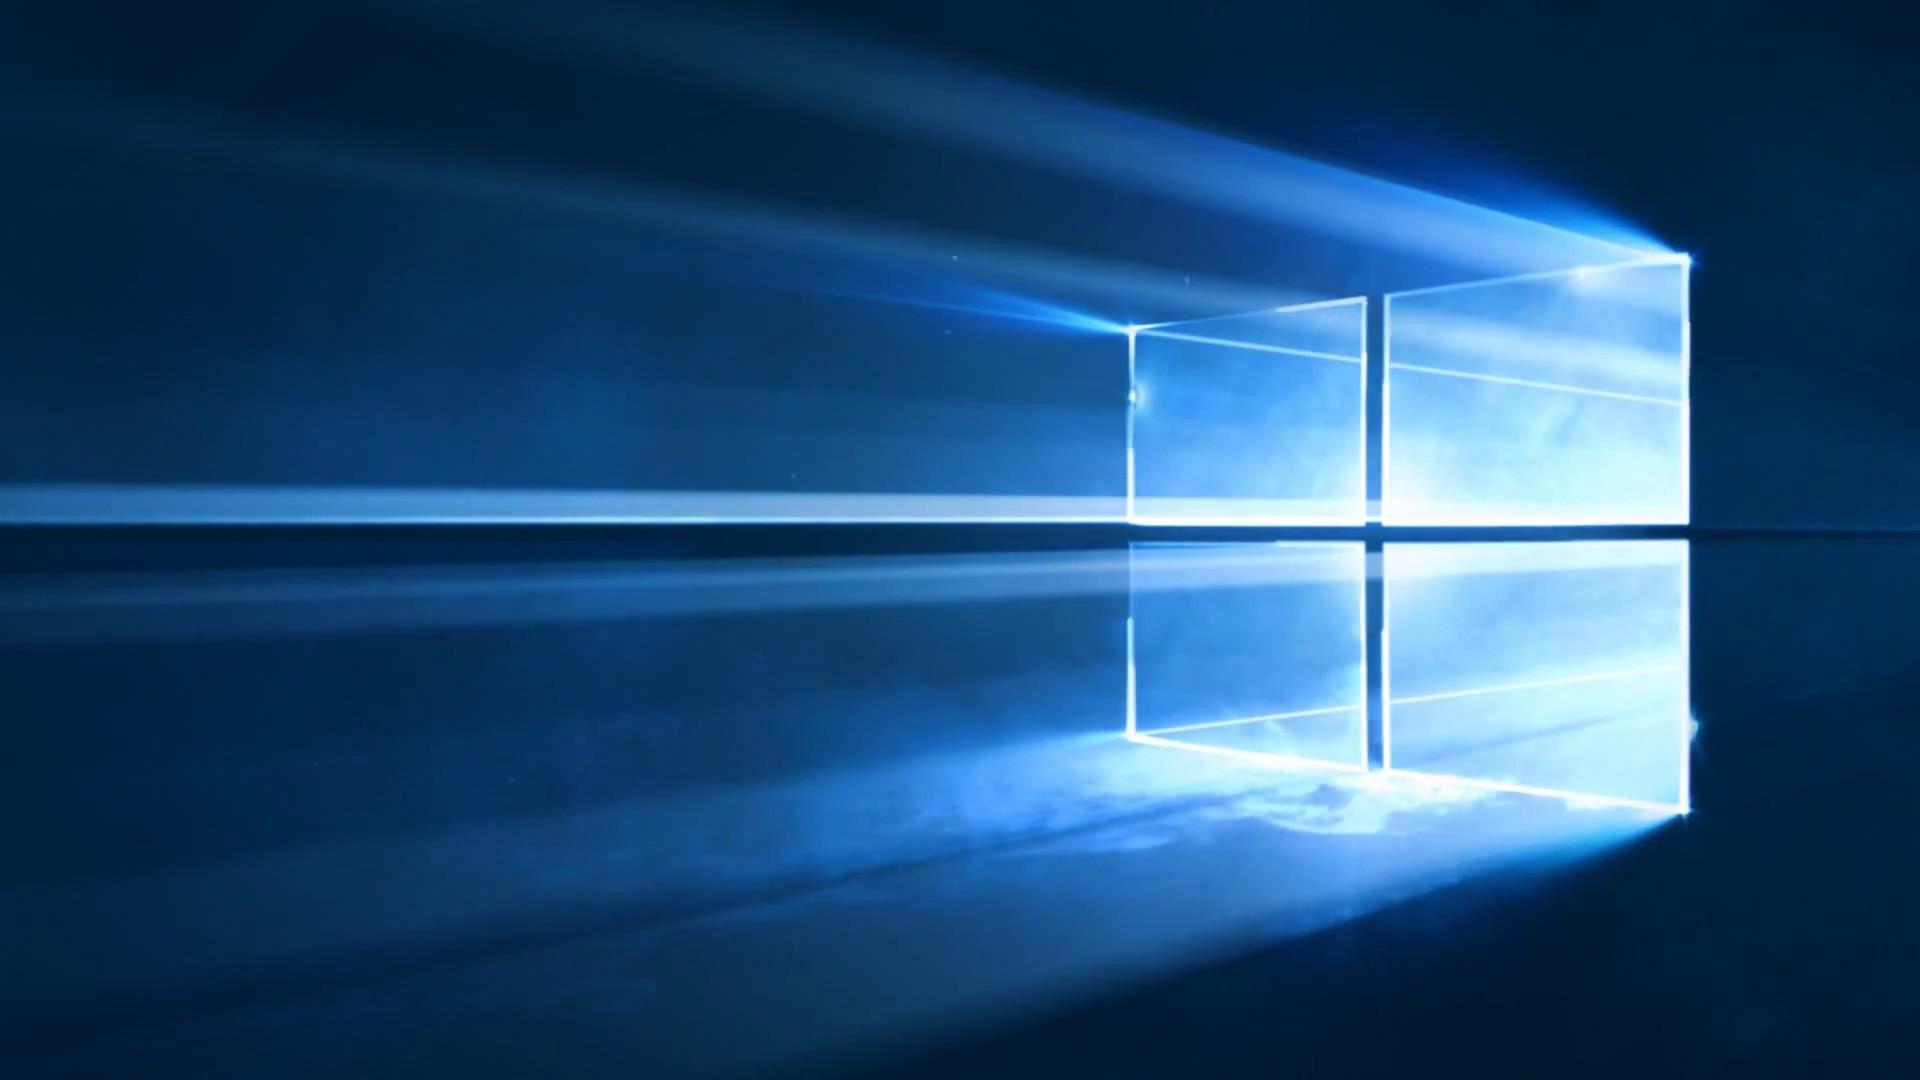 Windows 10 Hero image default wallpaper 1920x1080